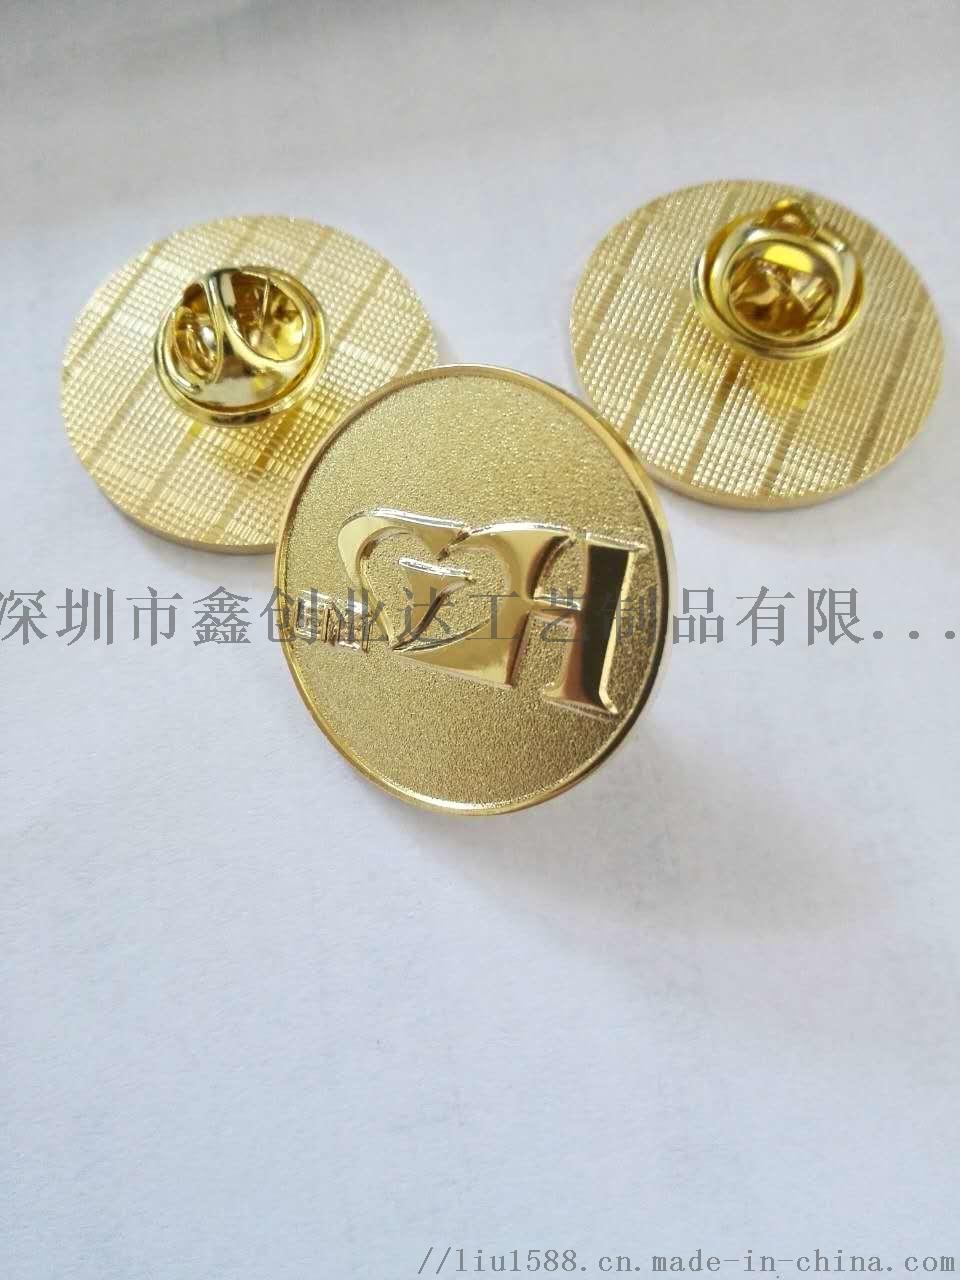 石家庄定制金属标牌纪念章徽章胸章logo订做设计131371995